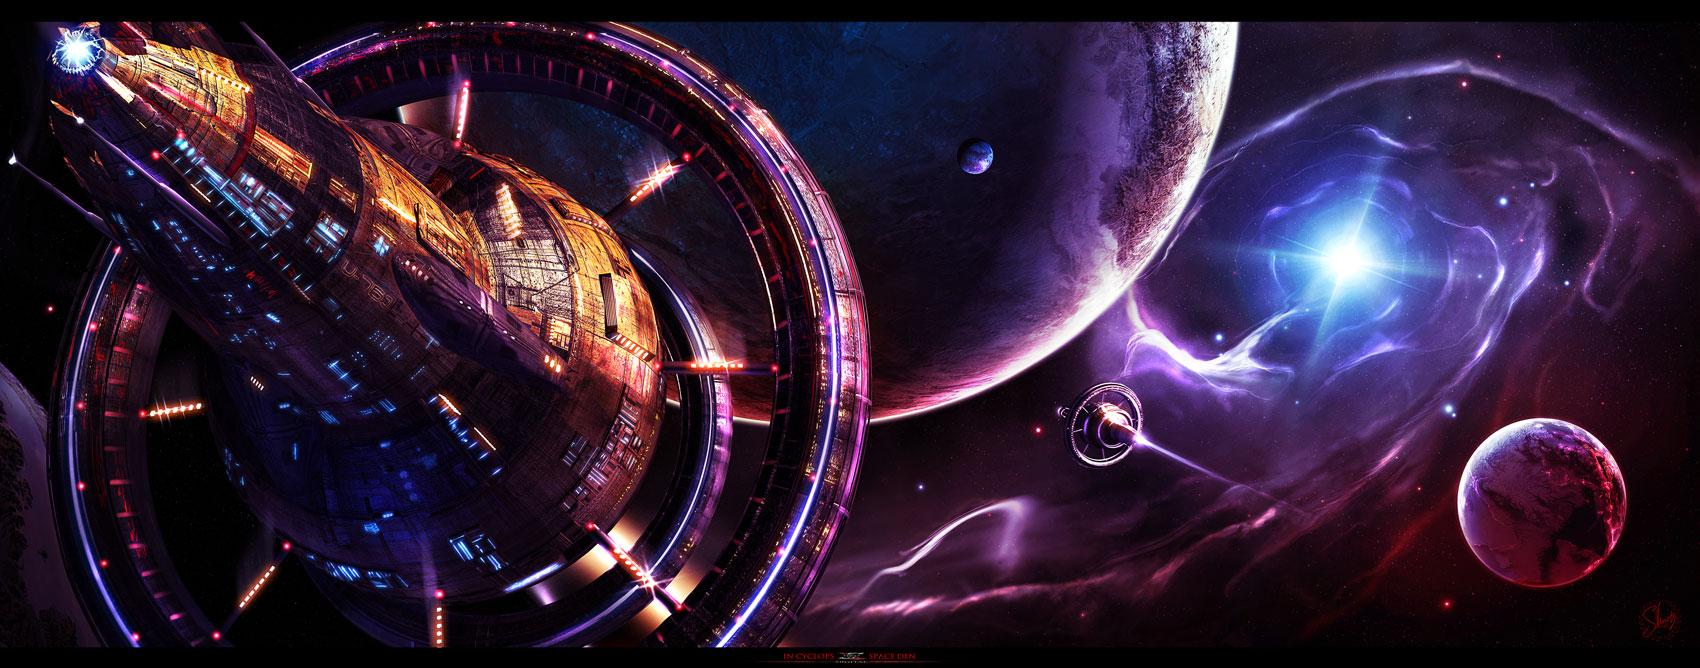 In Cyclops's Space Den by Shue13